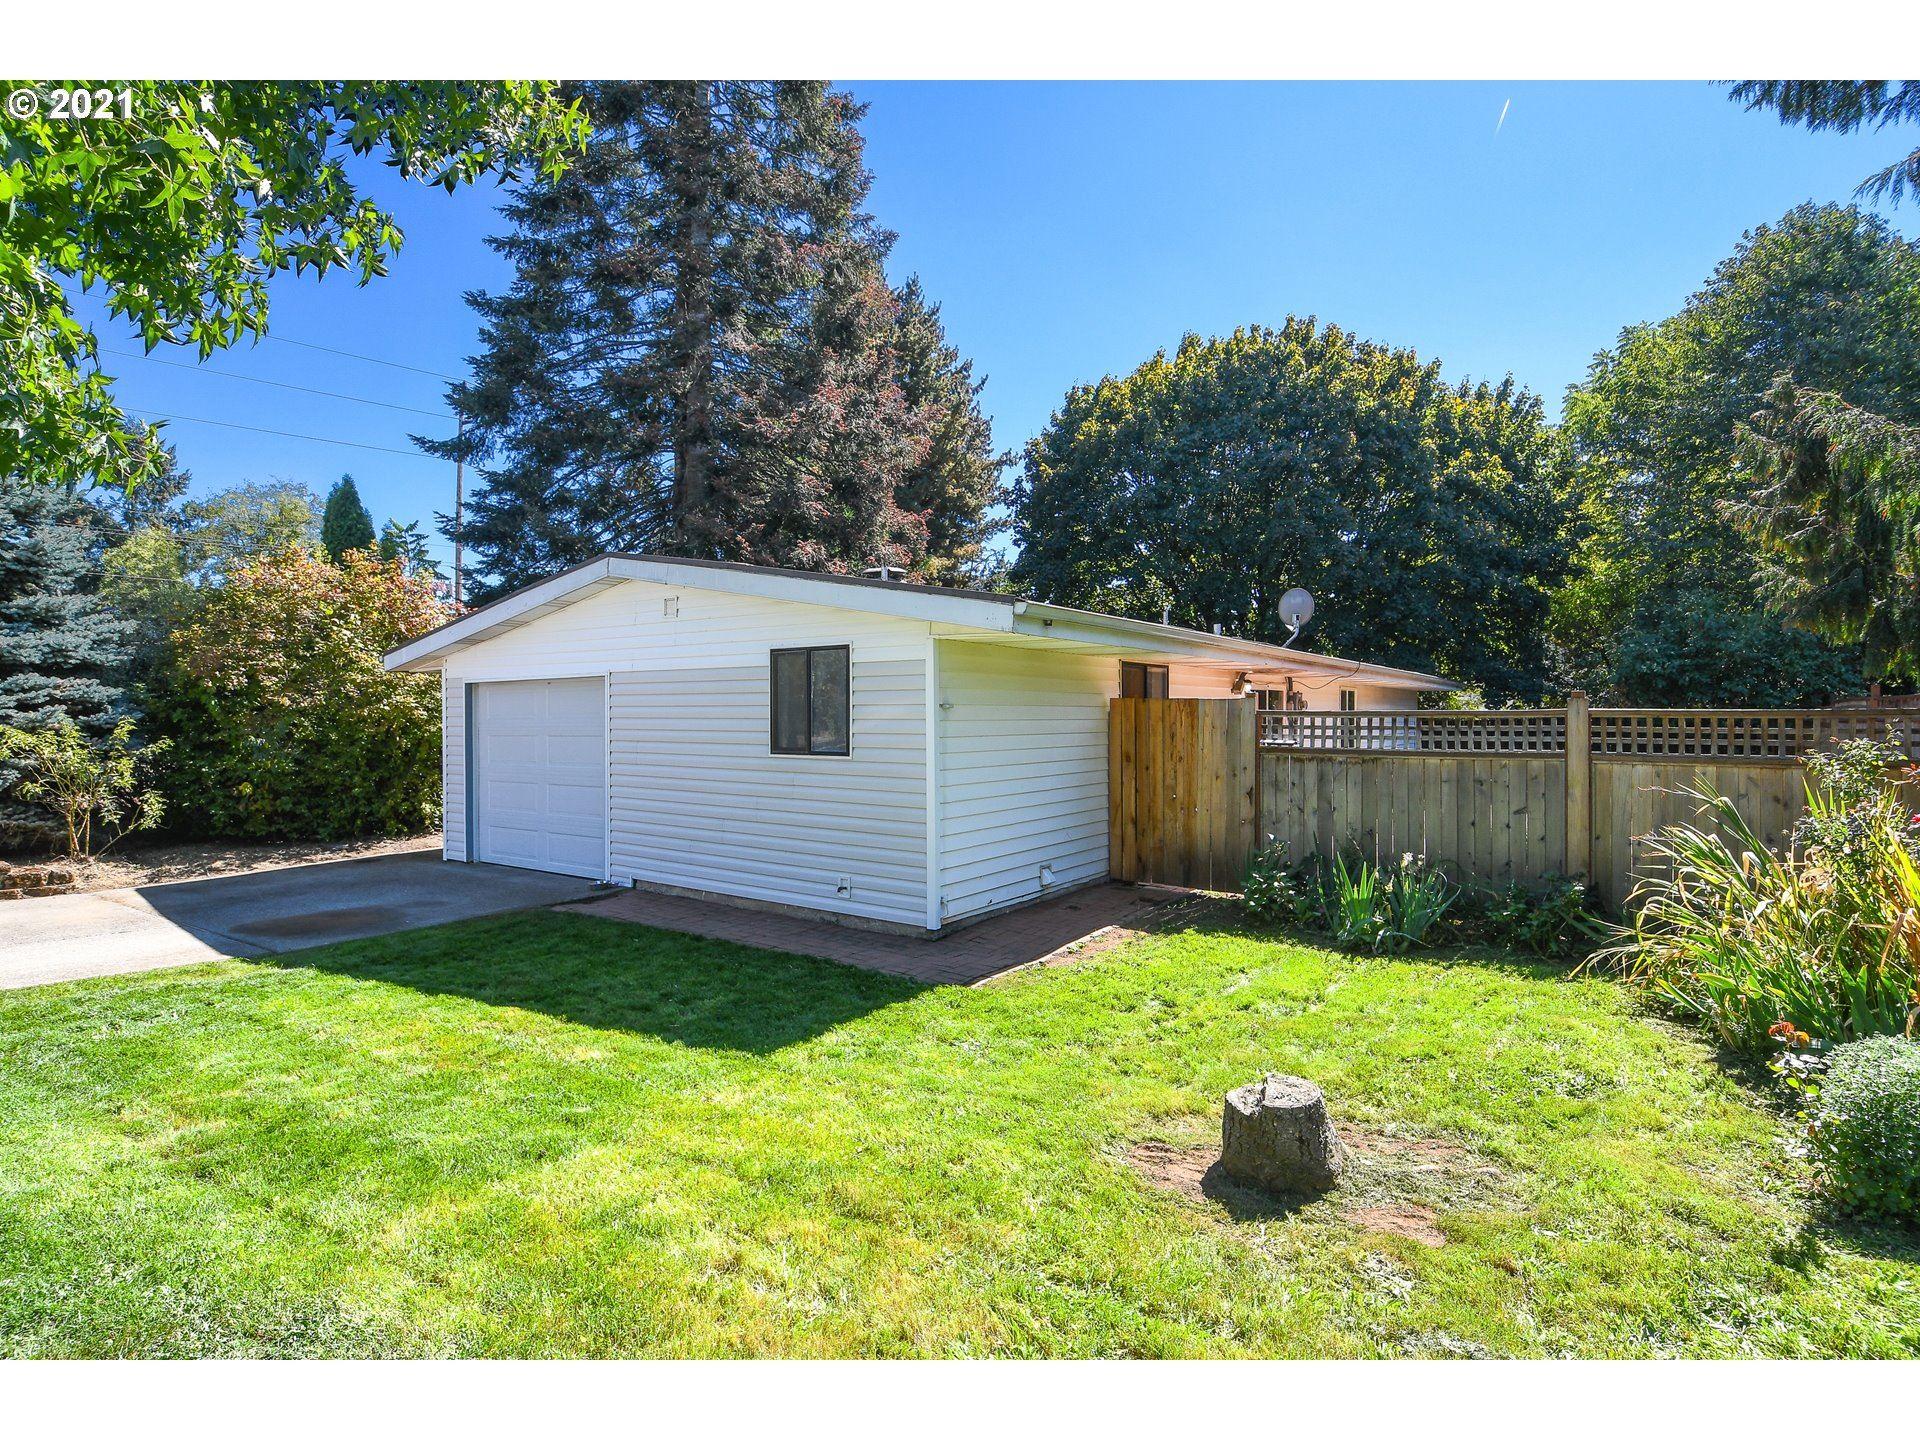 10601 NE 94TH ST, Vancouver, WA 98662 - MLS#: 21530579